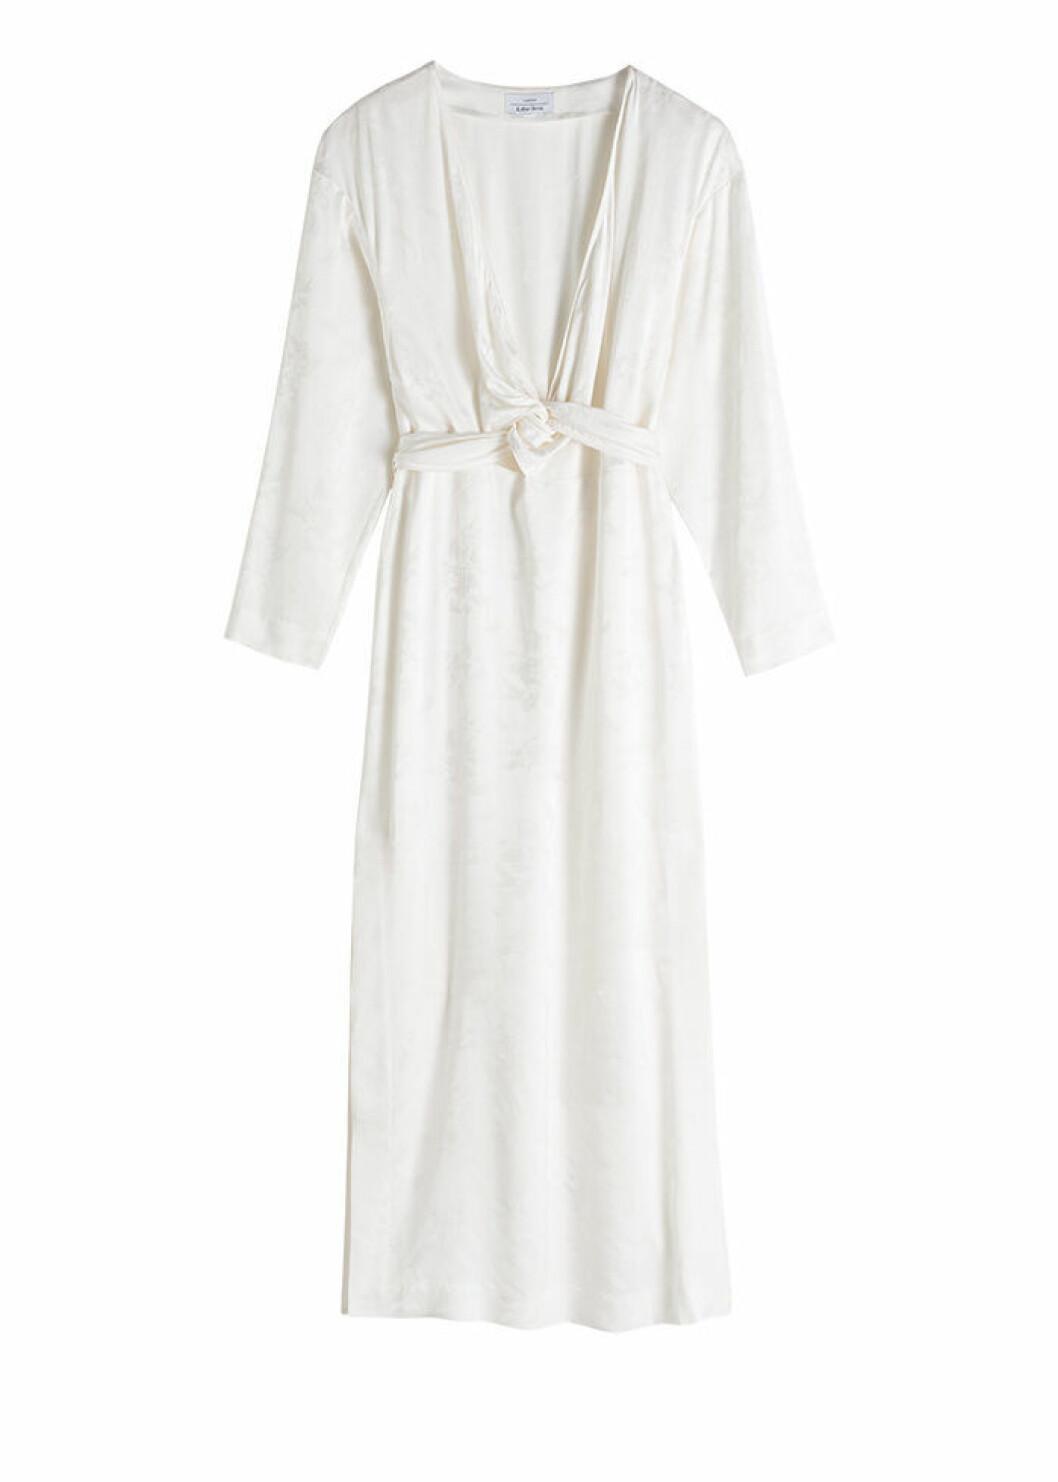 Vit långärmad klänning med slitsar i sidorna